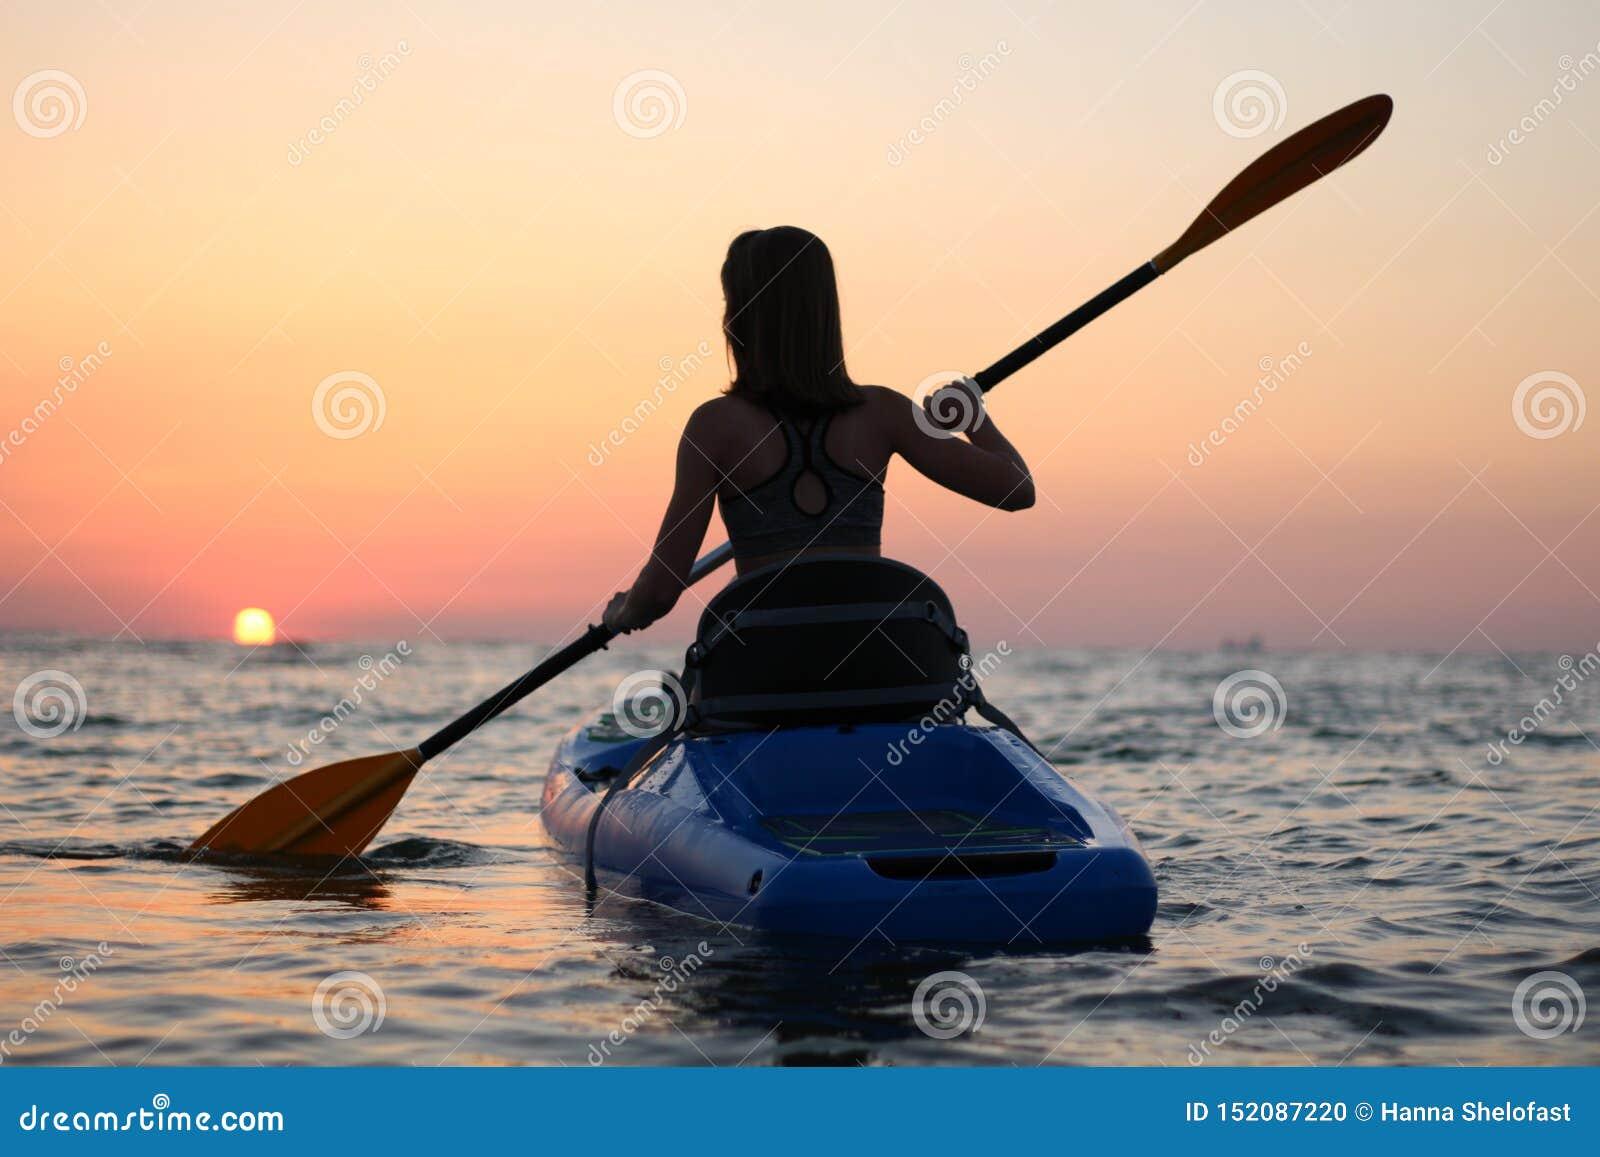 Γυναίκα Kayaking στο καγιάκ, κορίτσι που κωπηλατεί στο νερό μιας ήρεμης θάλασσας